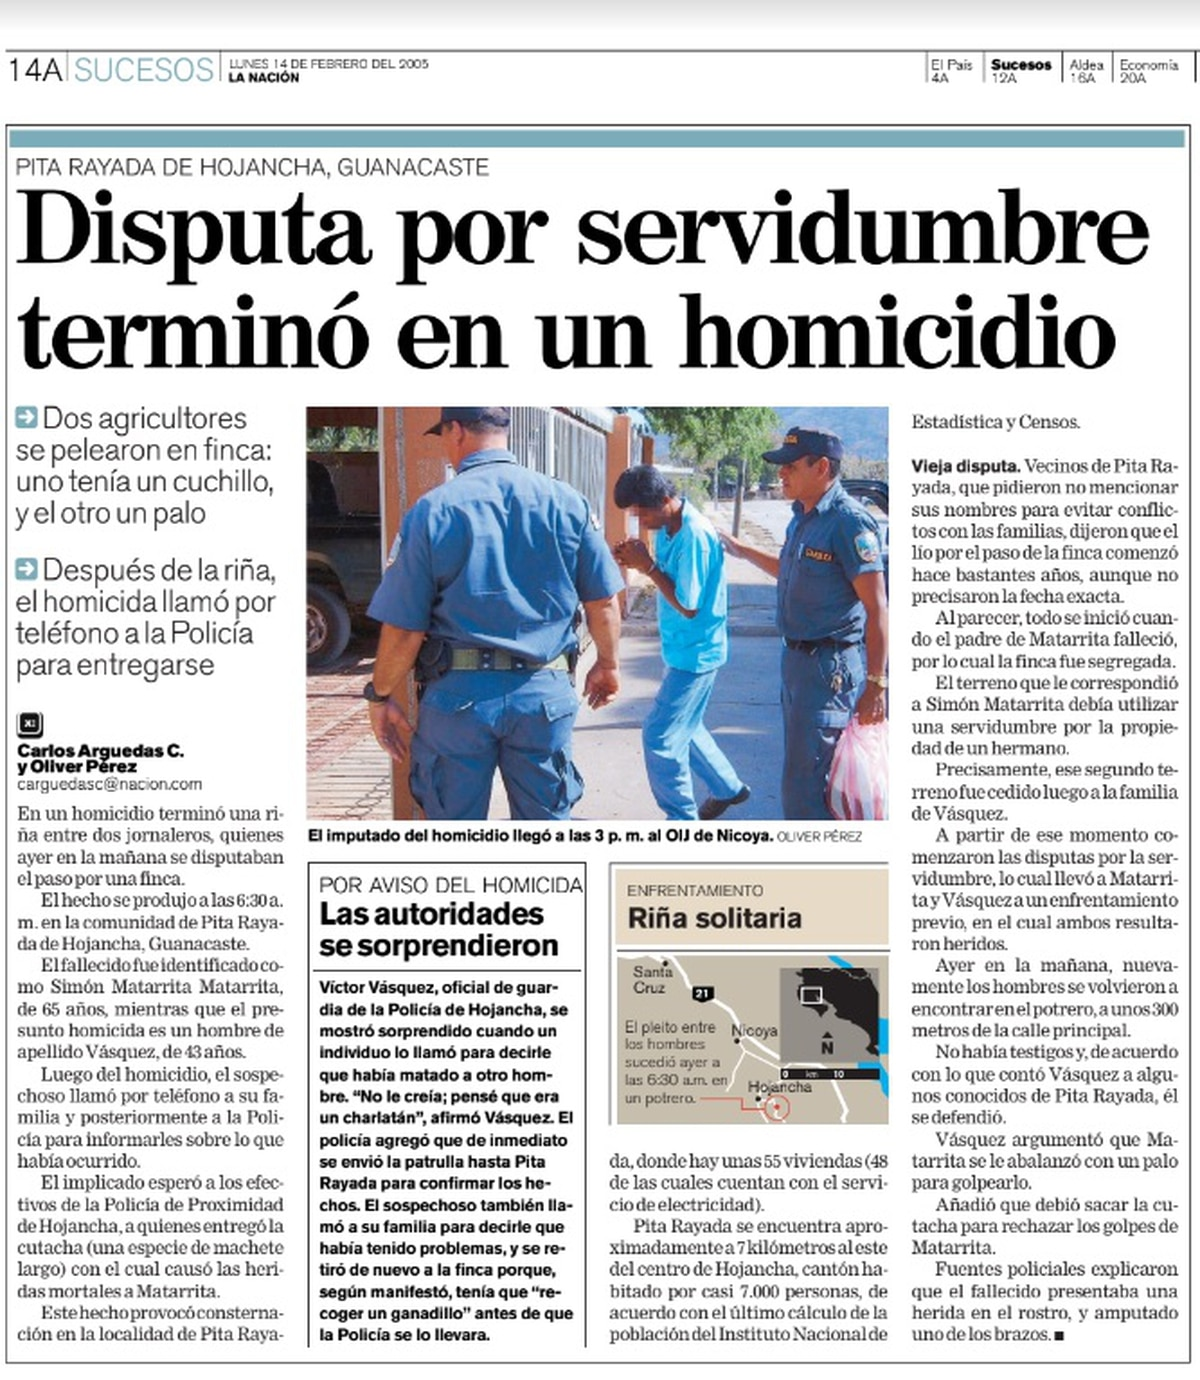 Publicación de La Nación del 14 de febrero de 2005 sobre el último homicidio que se presentó en Hojancha.